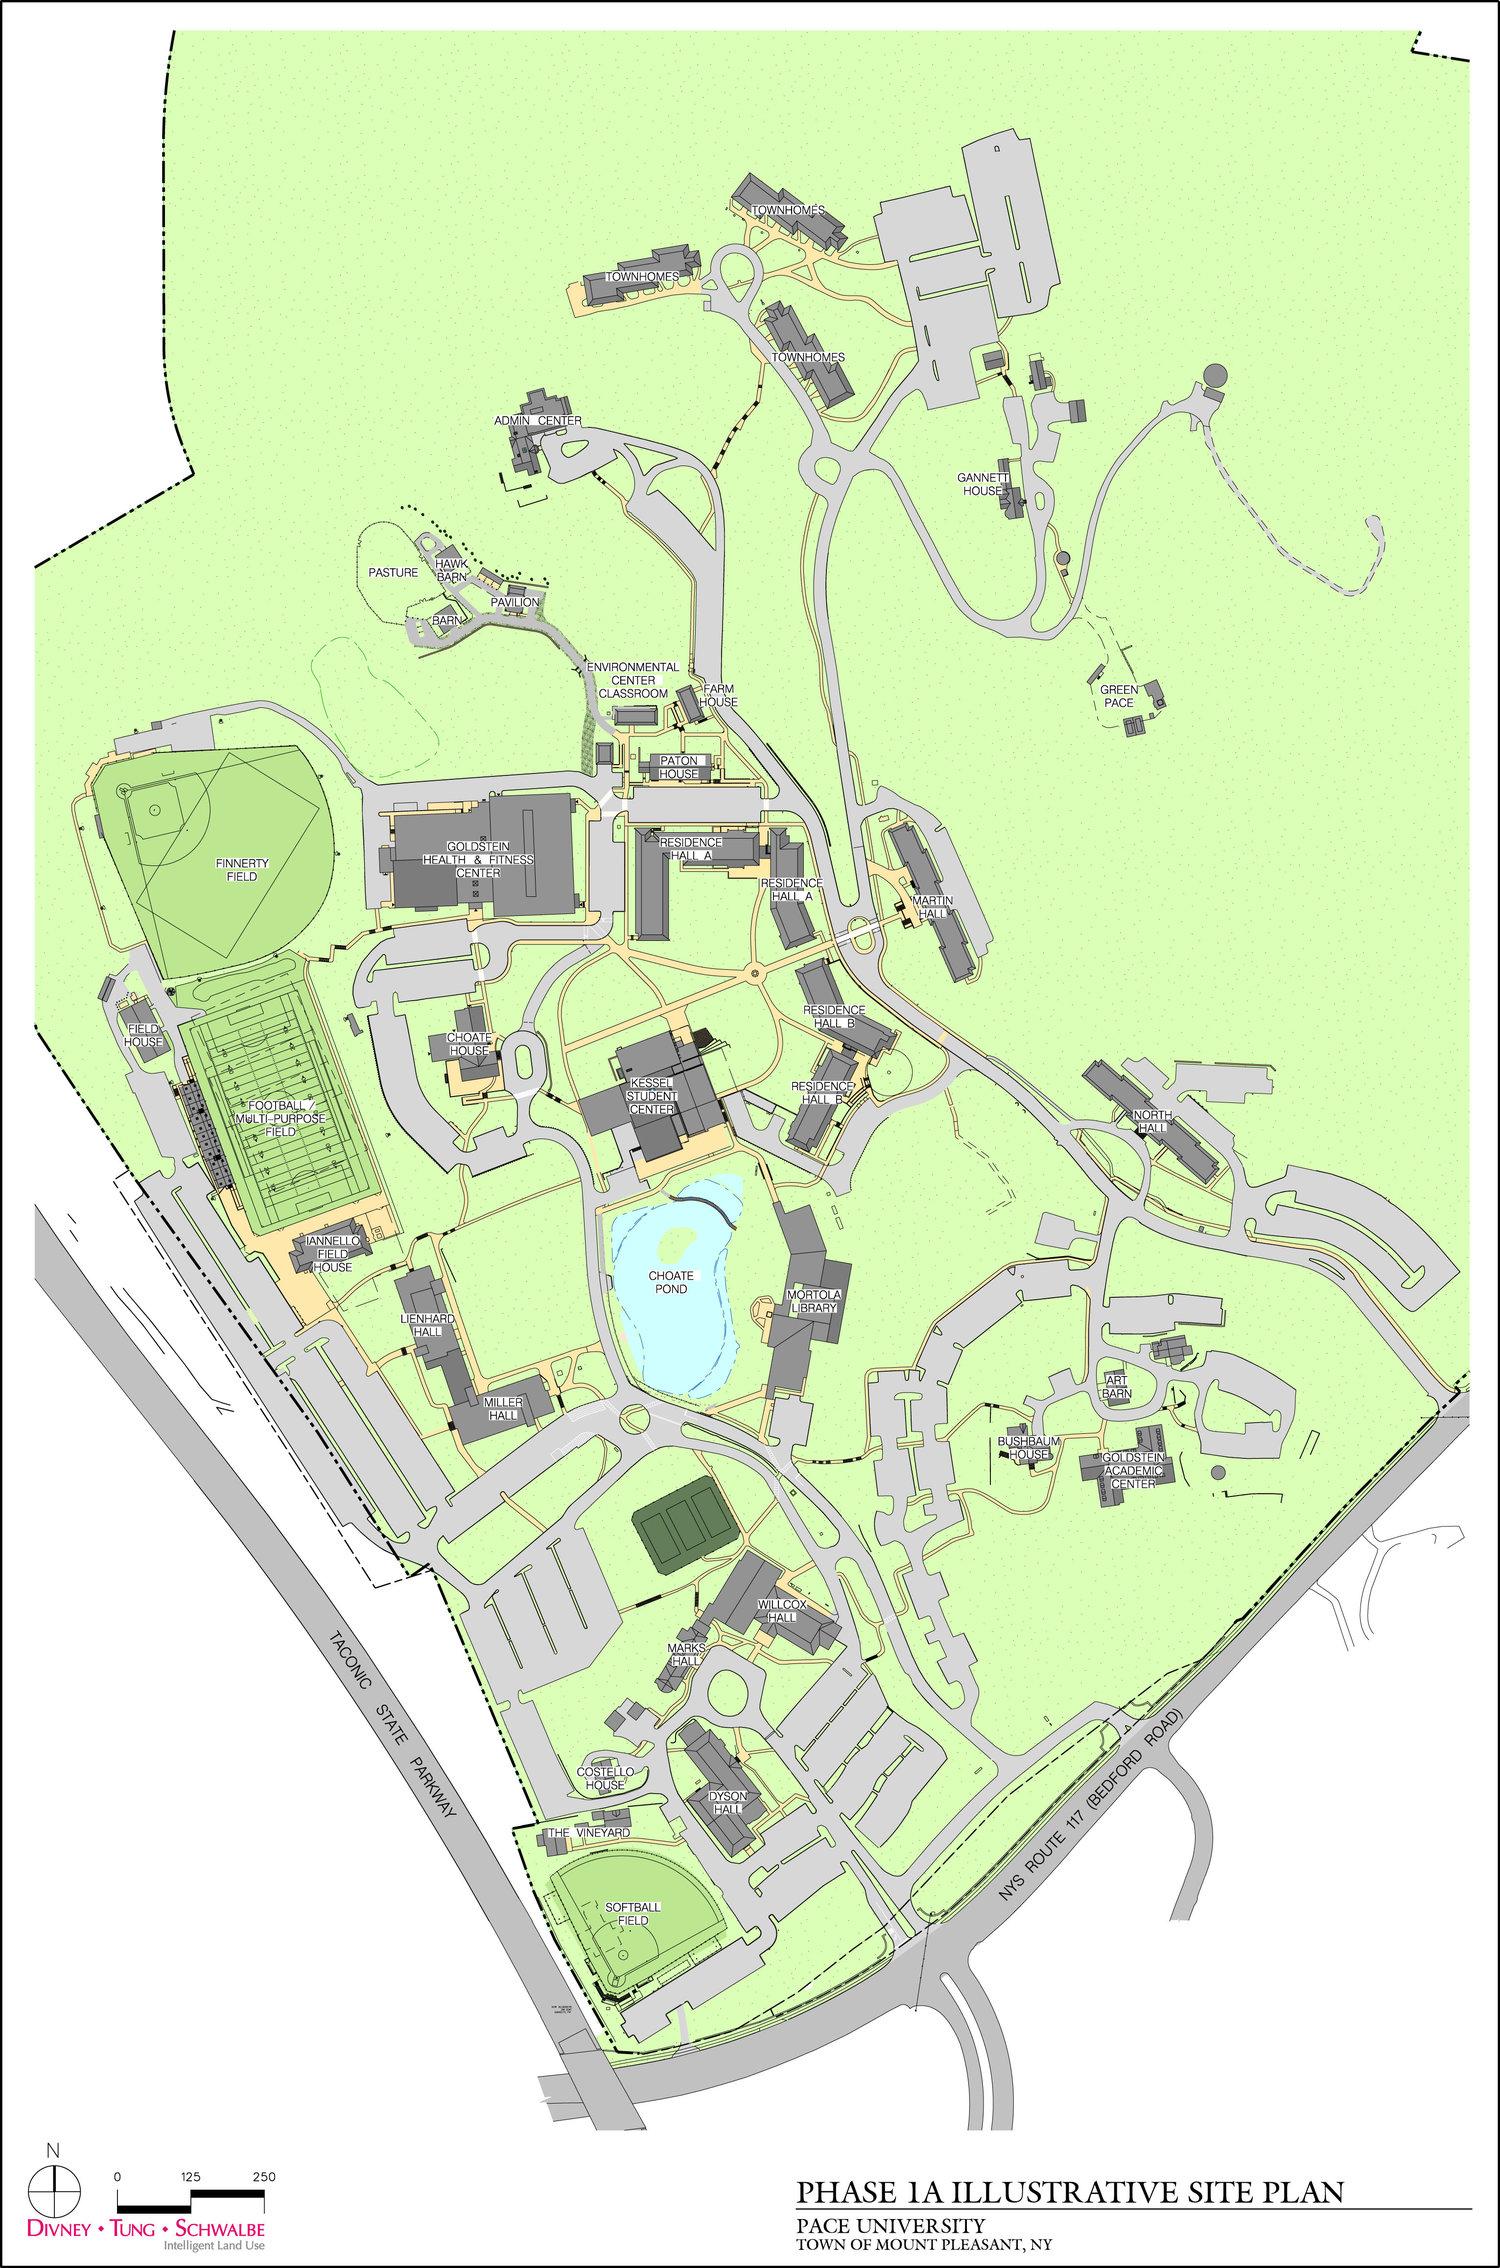 Louis Fusco Landscape Architects on